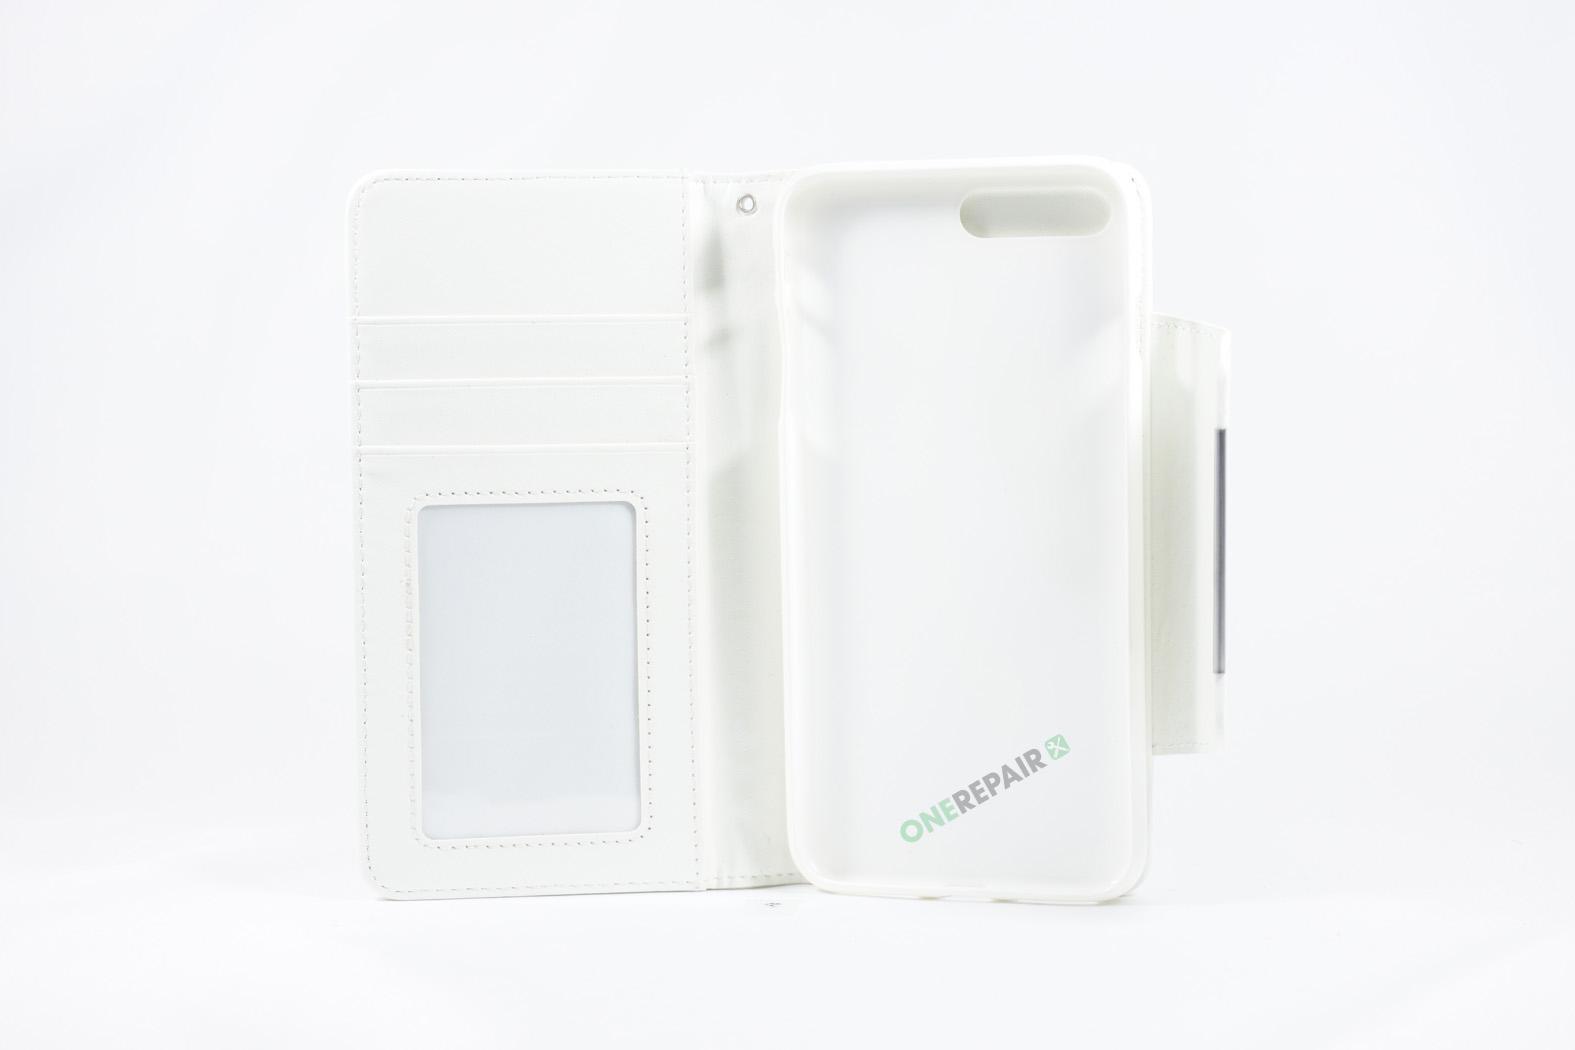 350849_iPhone_7+_8+_Plus_Flipcover_Magnet_Cover_Hvid_OneRepair_WM_00002